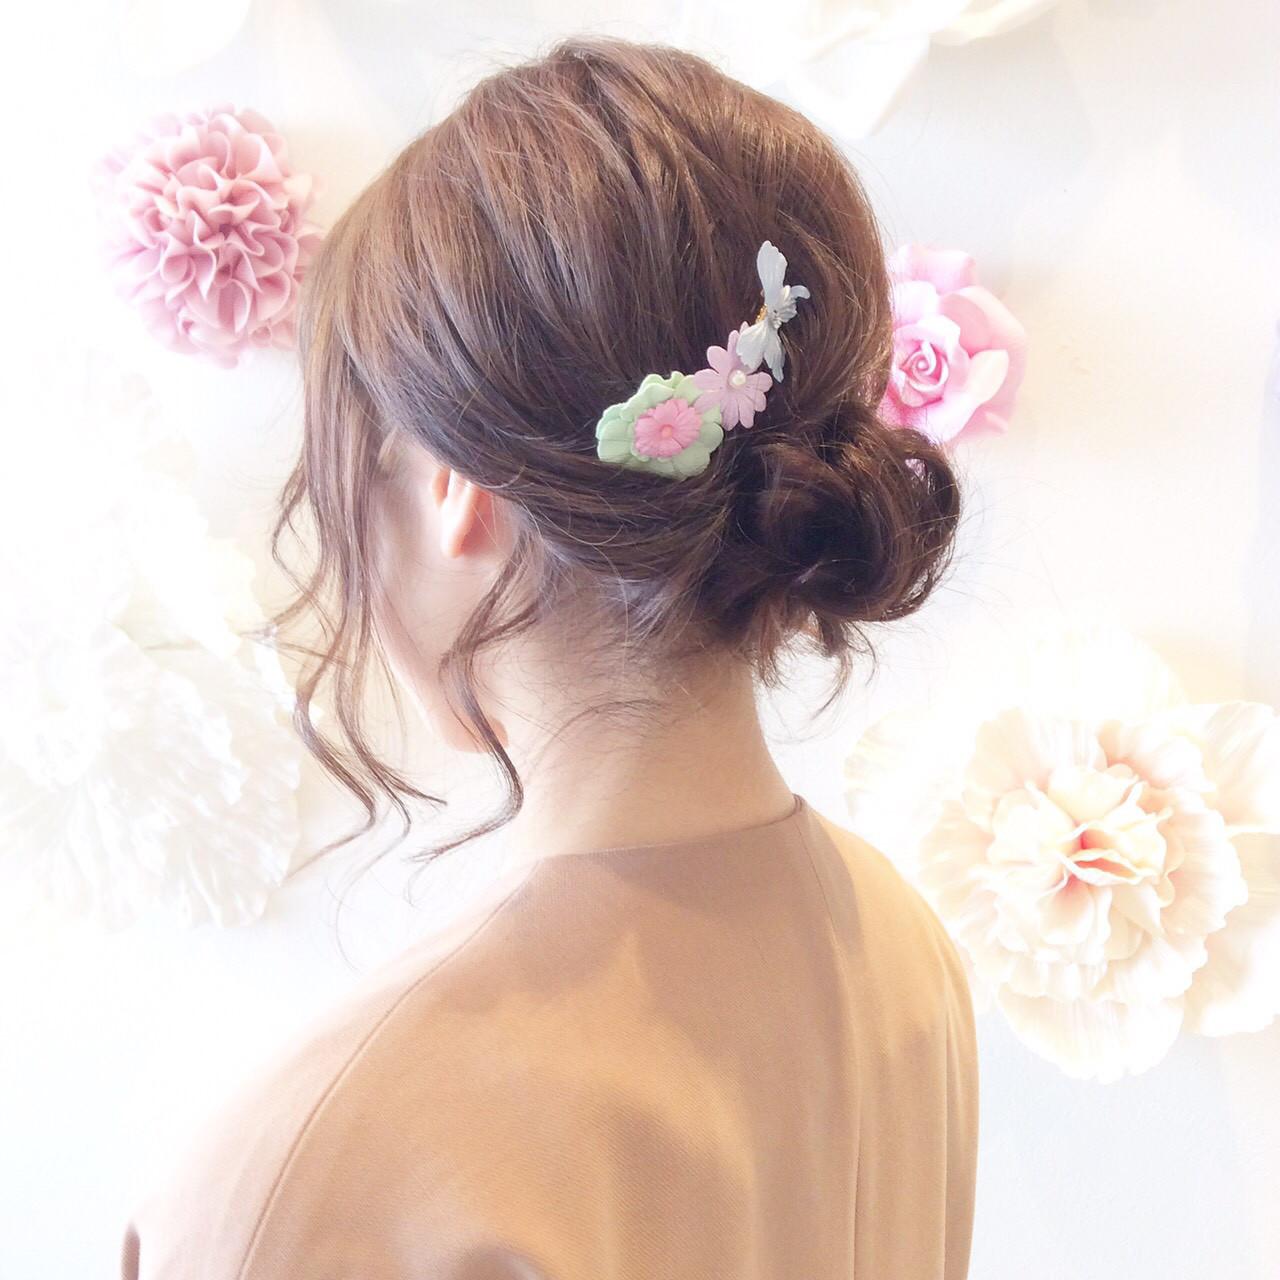 コームの髪飾り。成人式・卒業式・イベントはコームでワンポイント♡の2枚目の画像